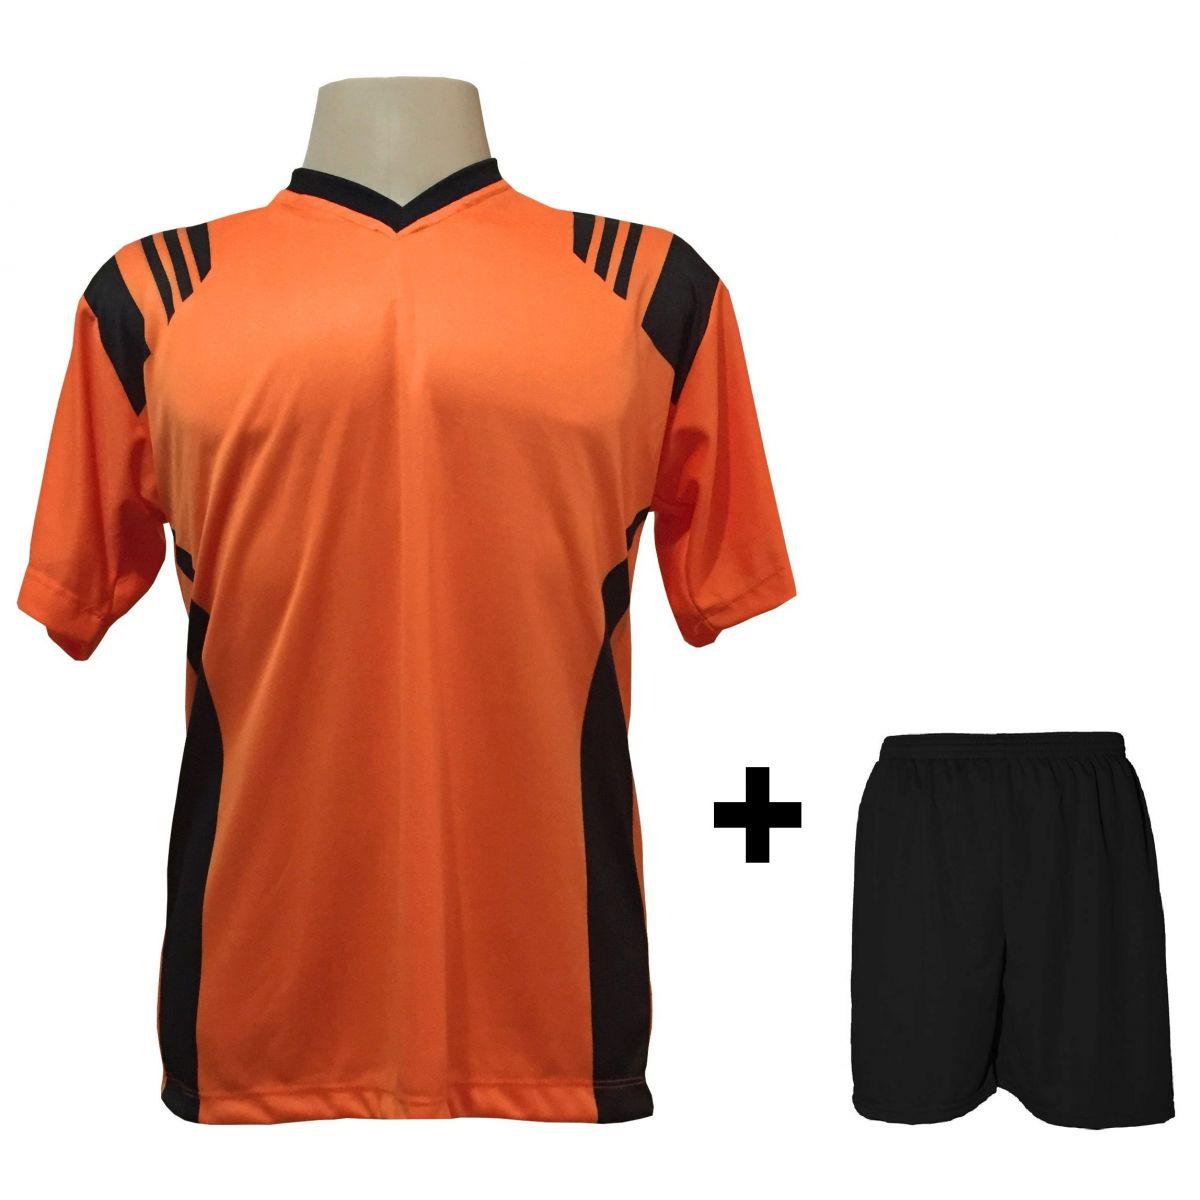 3dfff0136167 Uniforme Esportivo com 18 camisas modelo Roma Laranja/Preto + 18 calções  modelo Madrid + ...